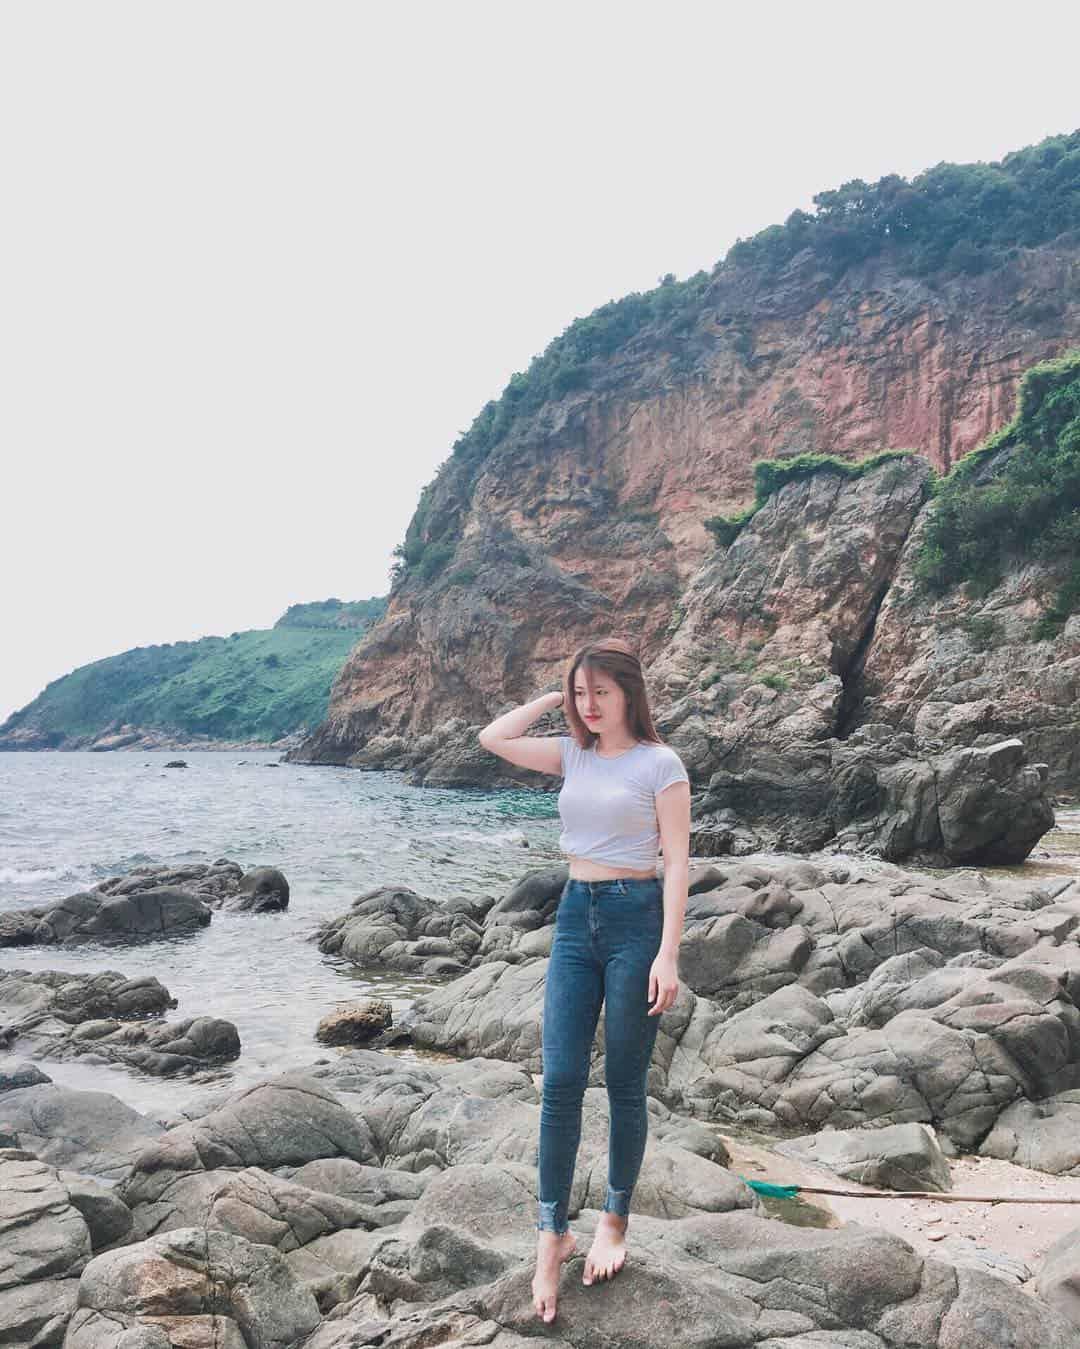 Những tảng đá siêu to của Ghềnh Bàng. Hình: @vtnquynh.98